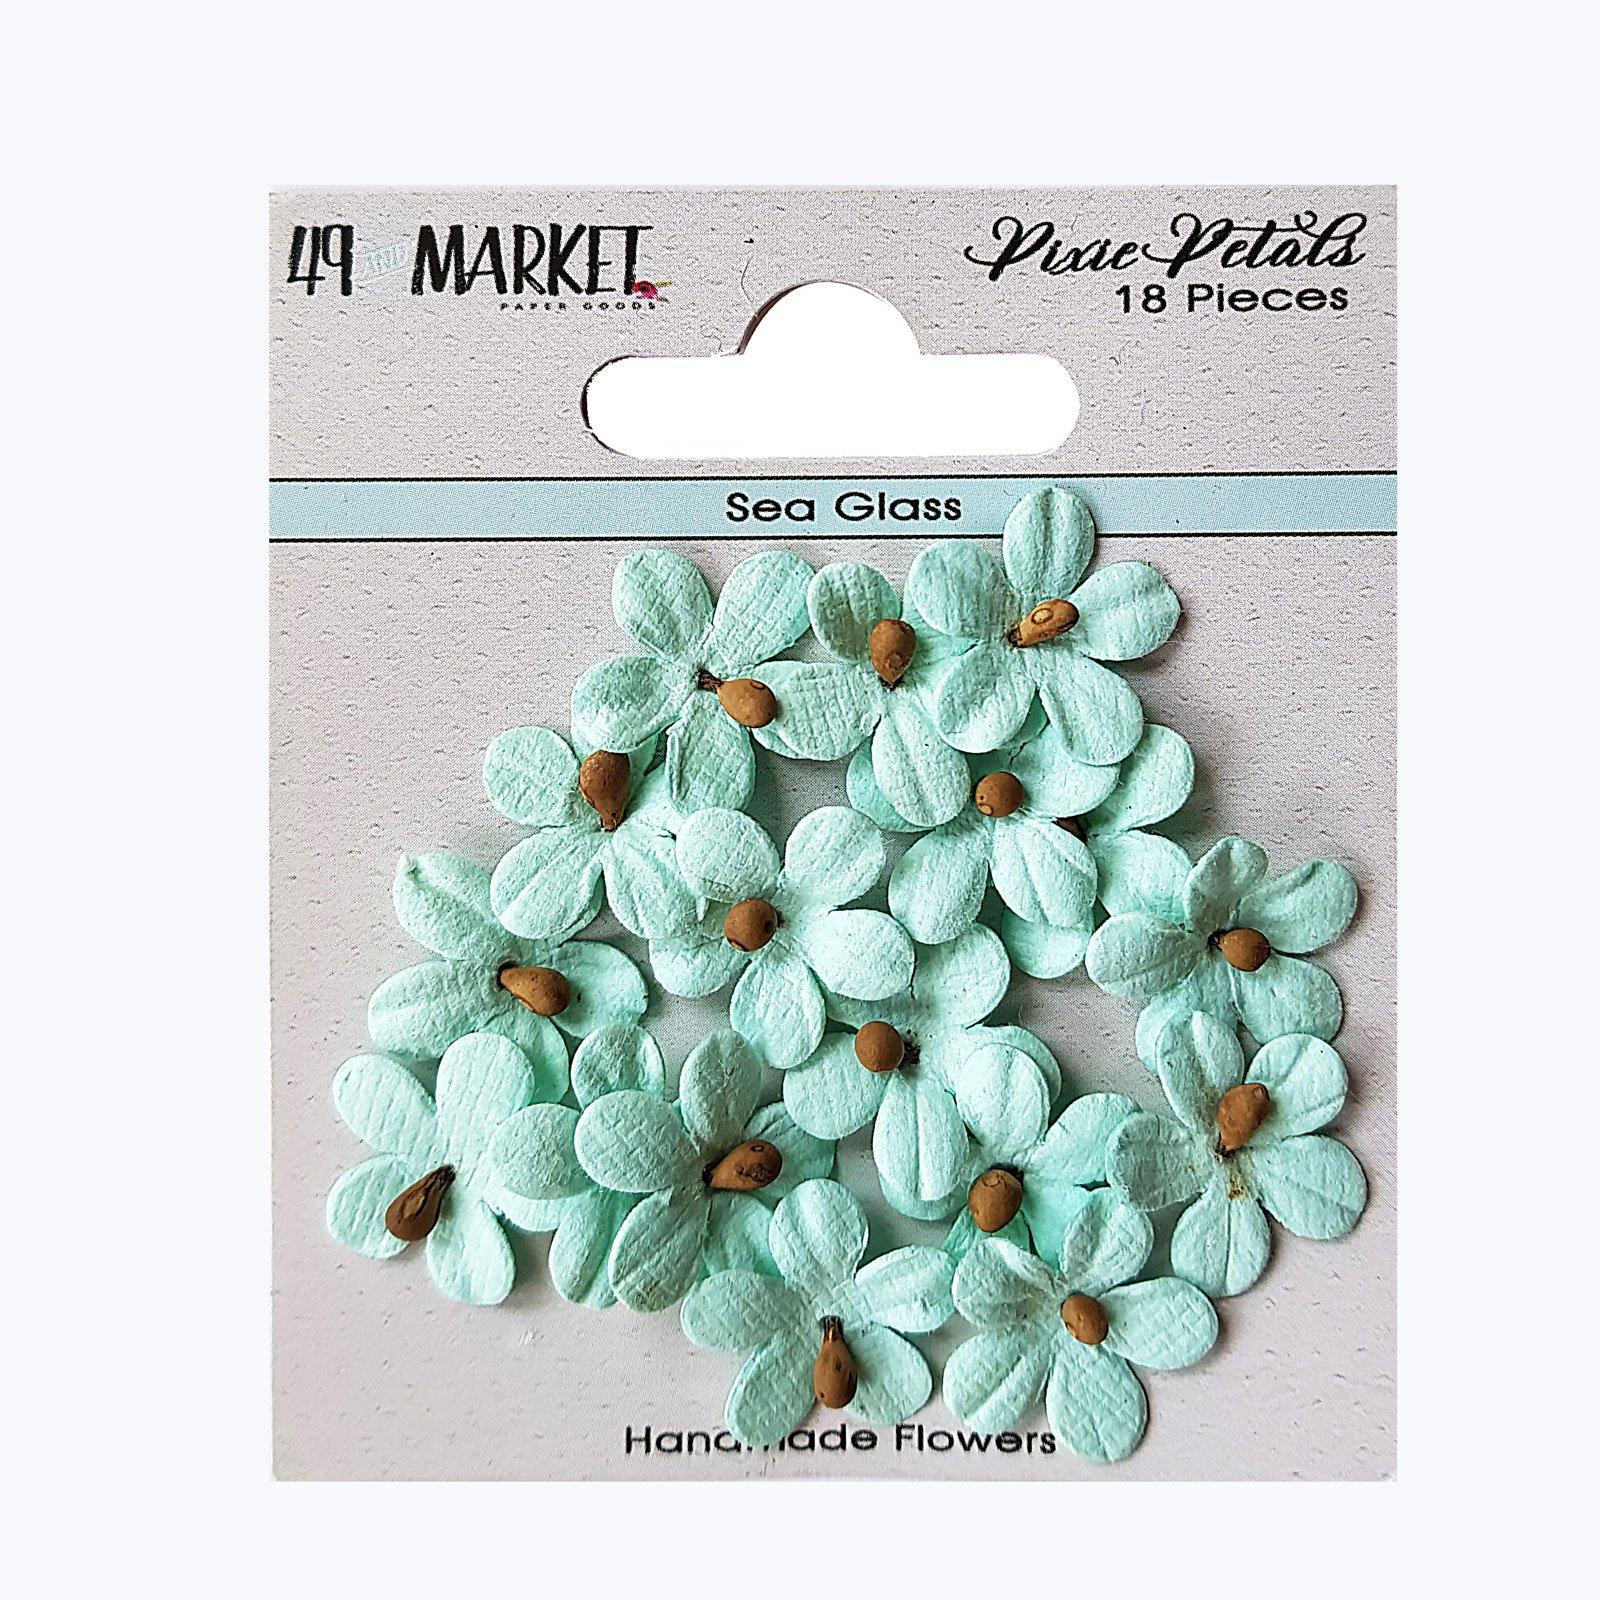 49th & Market Pixie Petals - Sea Glass